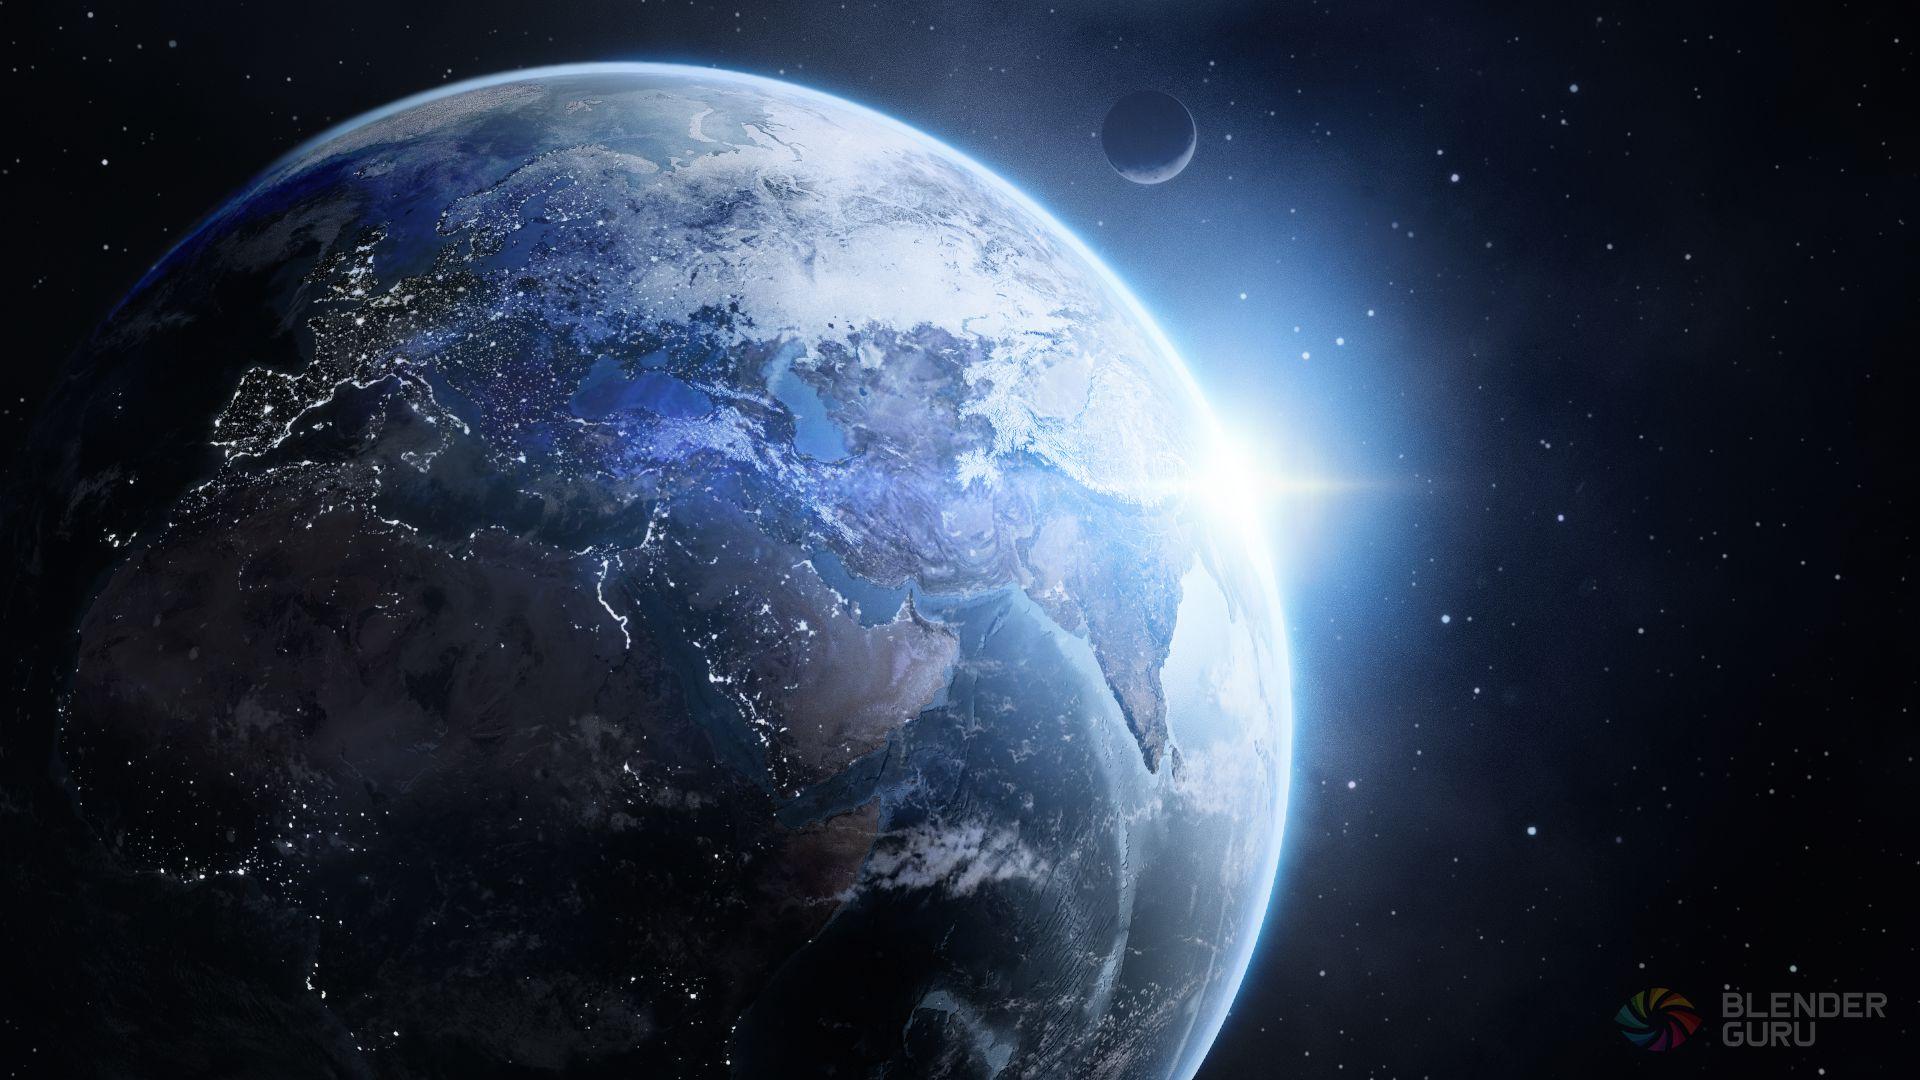 How To Make Earth Cycles Blender Guru